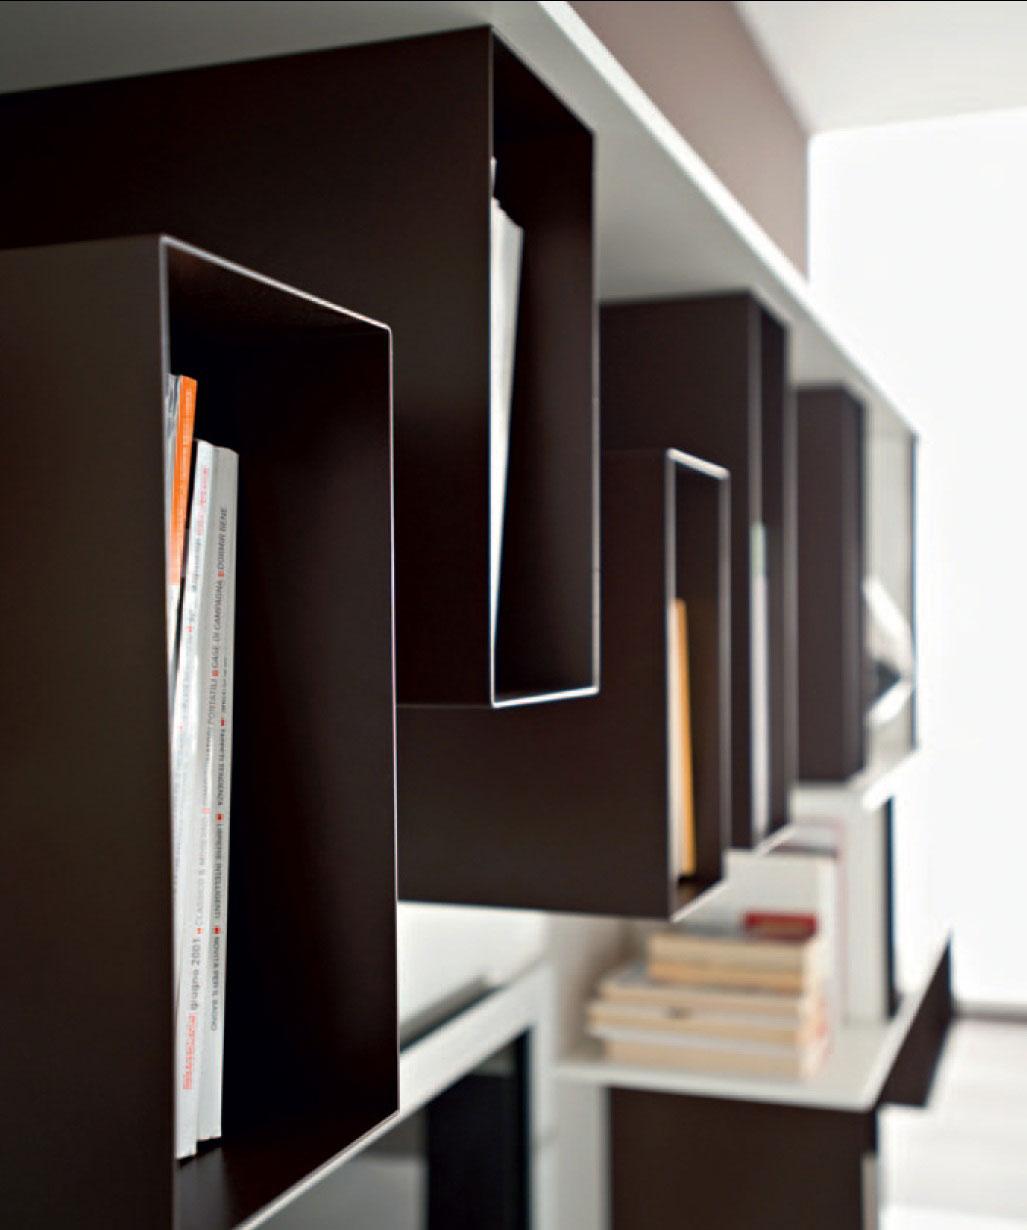 Les concepteurs artistiques meuble design italien lyon for Meubles concept lyon